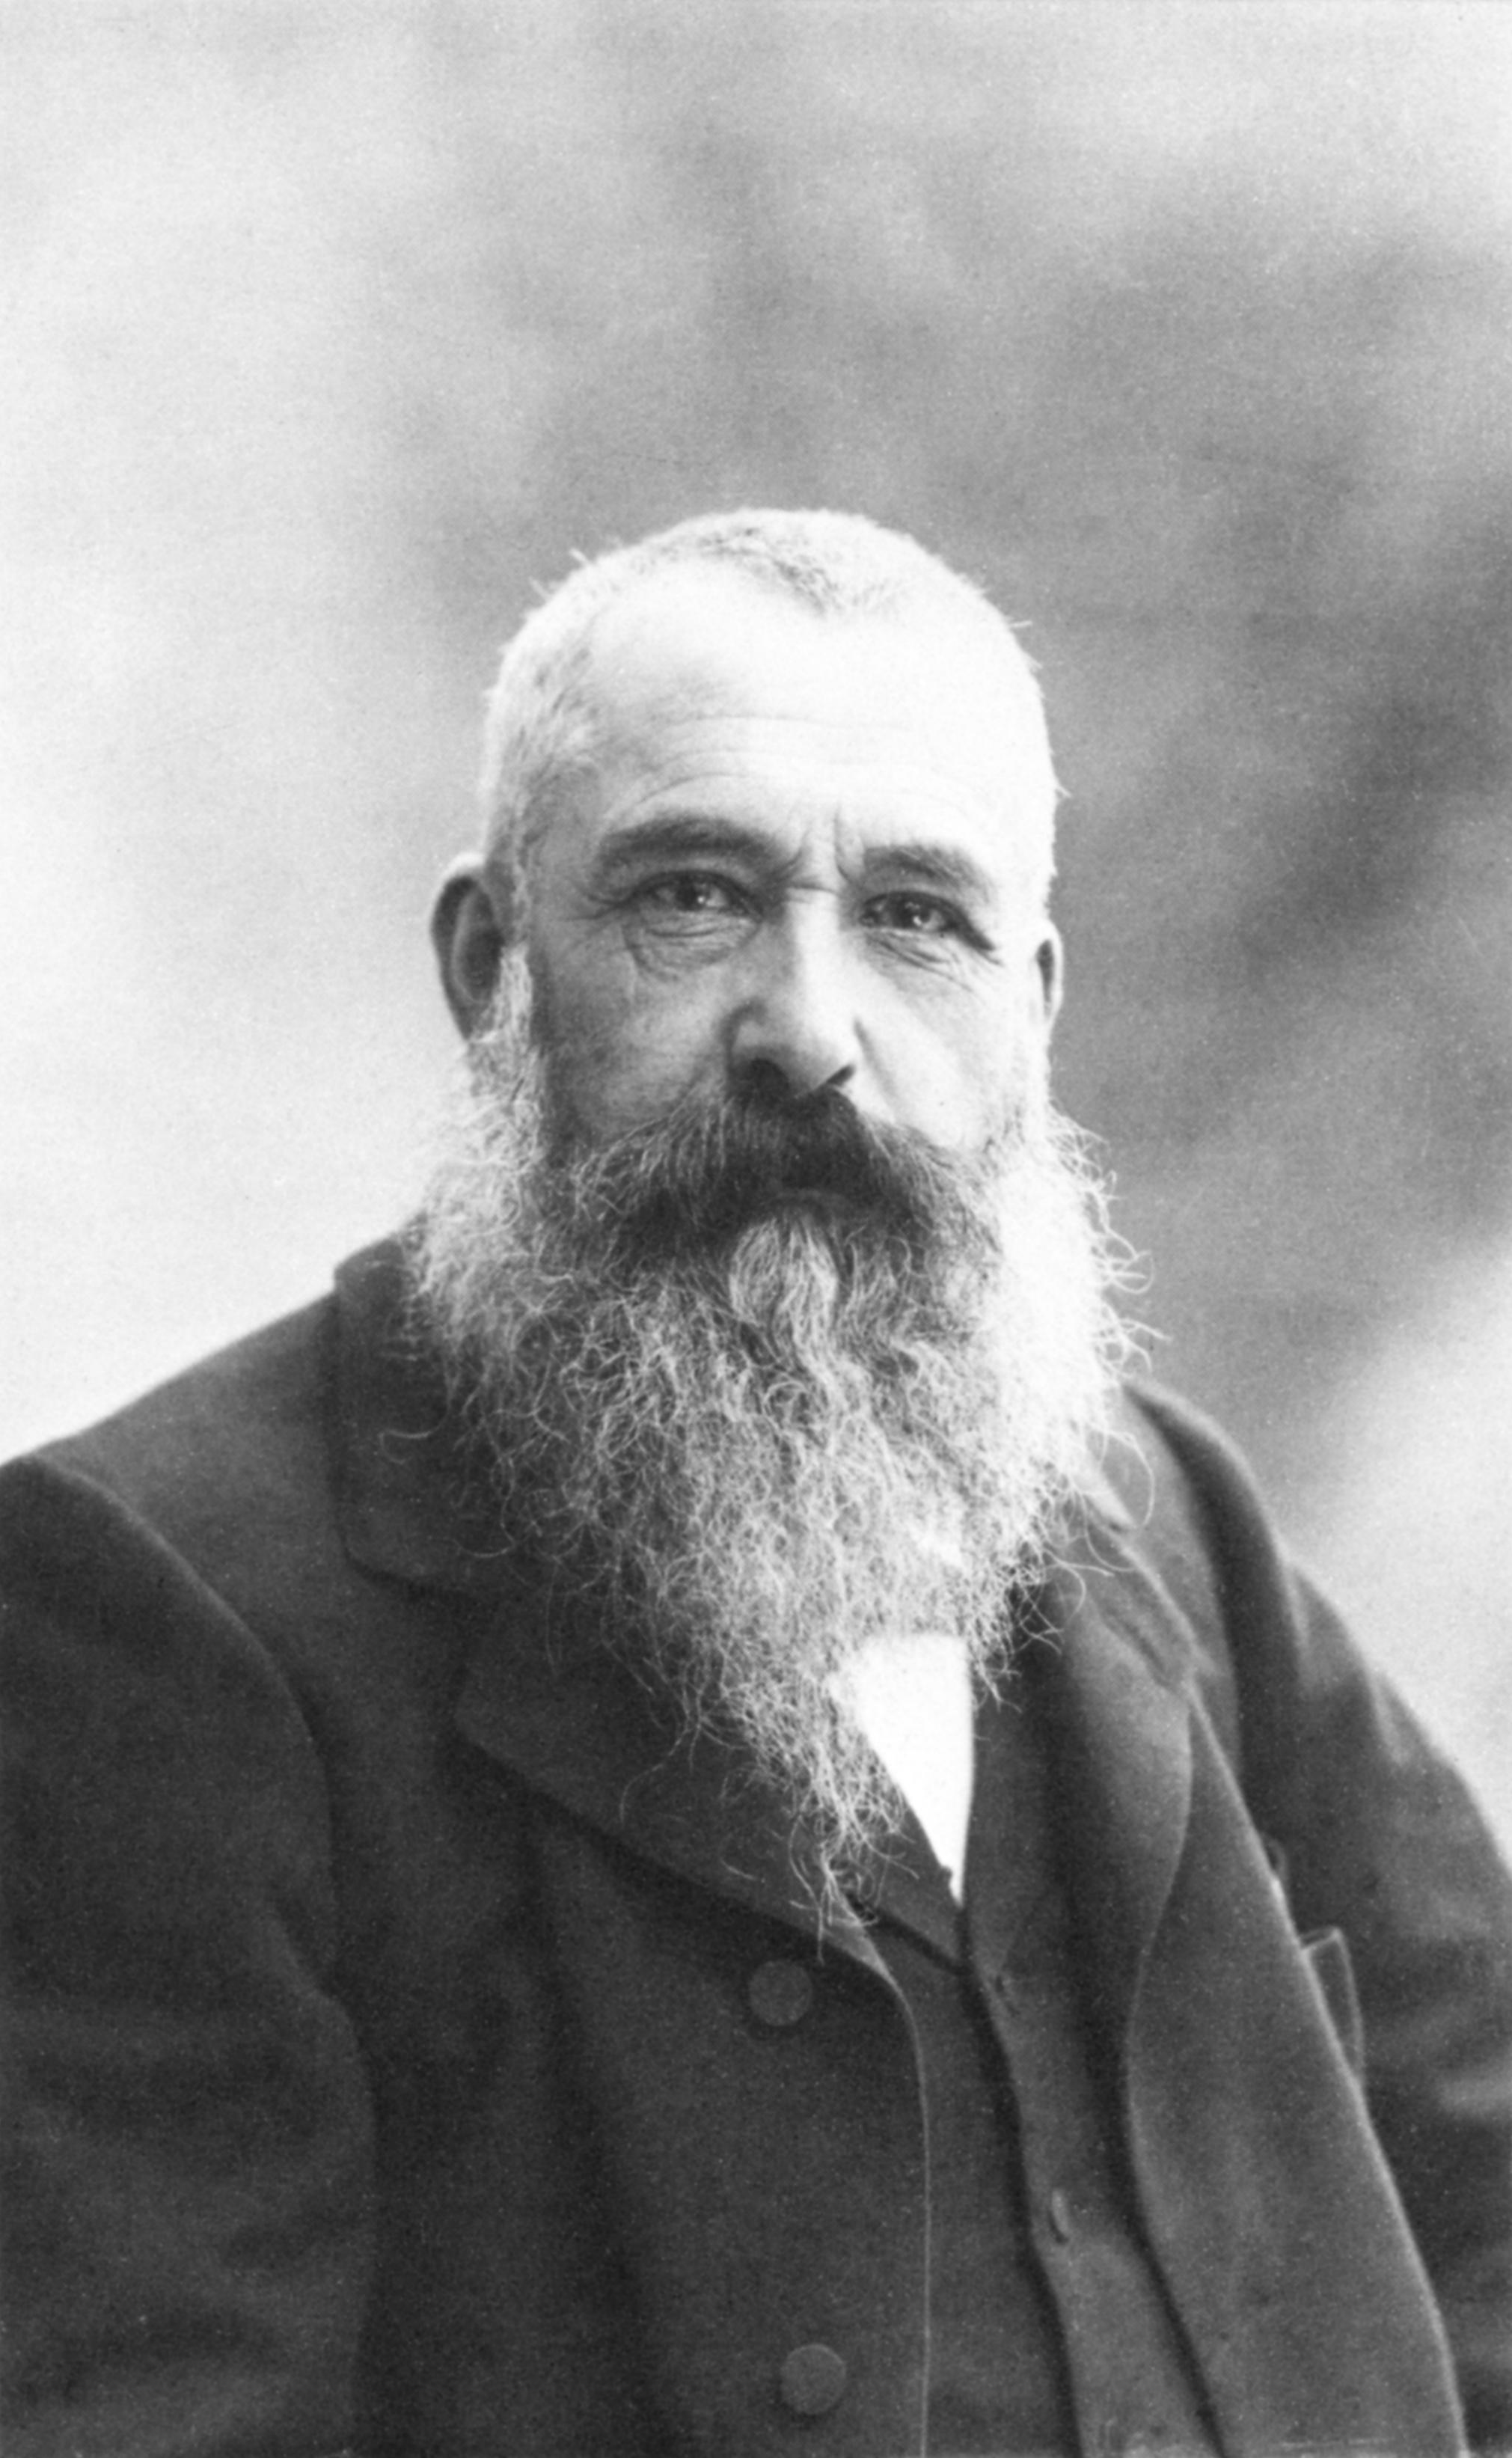 Claude Monet auf einer Aufnahme von Nadar aus dem Jahr 1899 - gemeinfrei